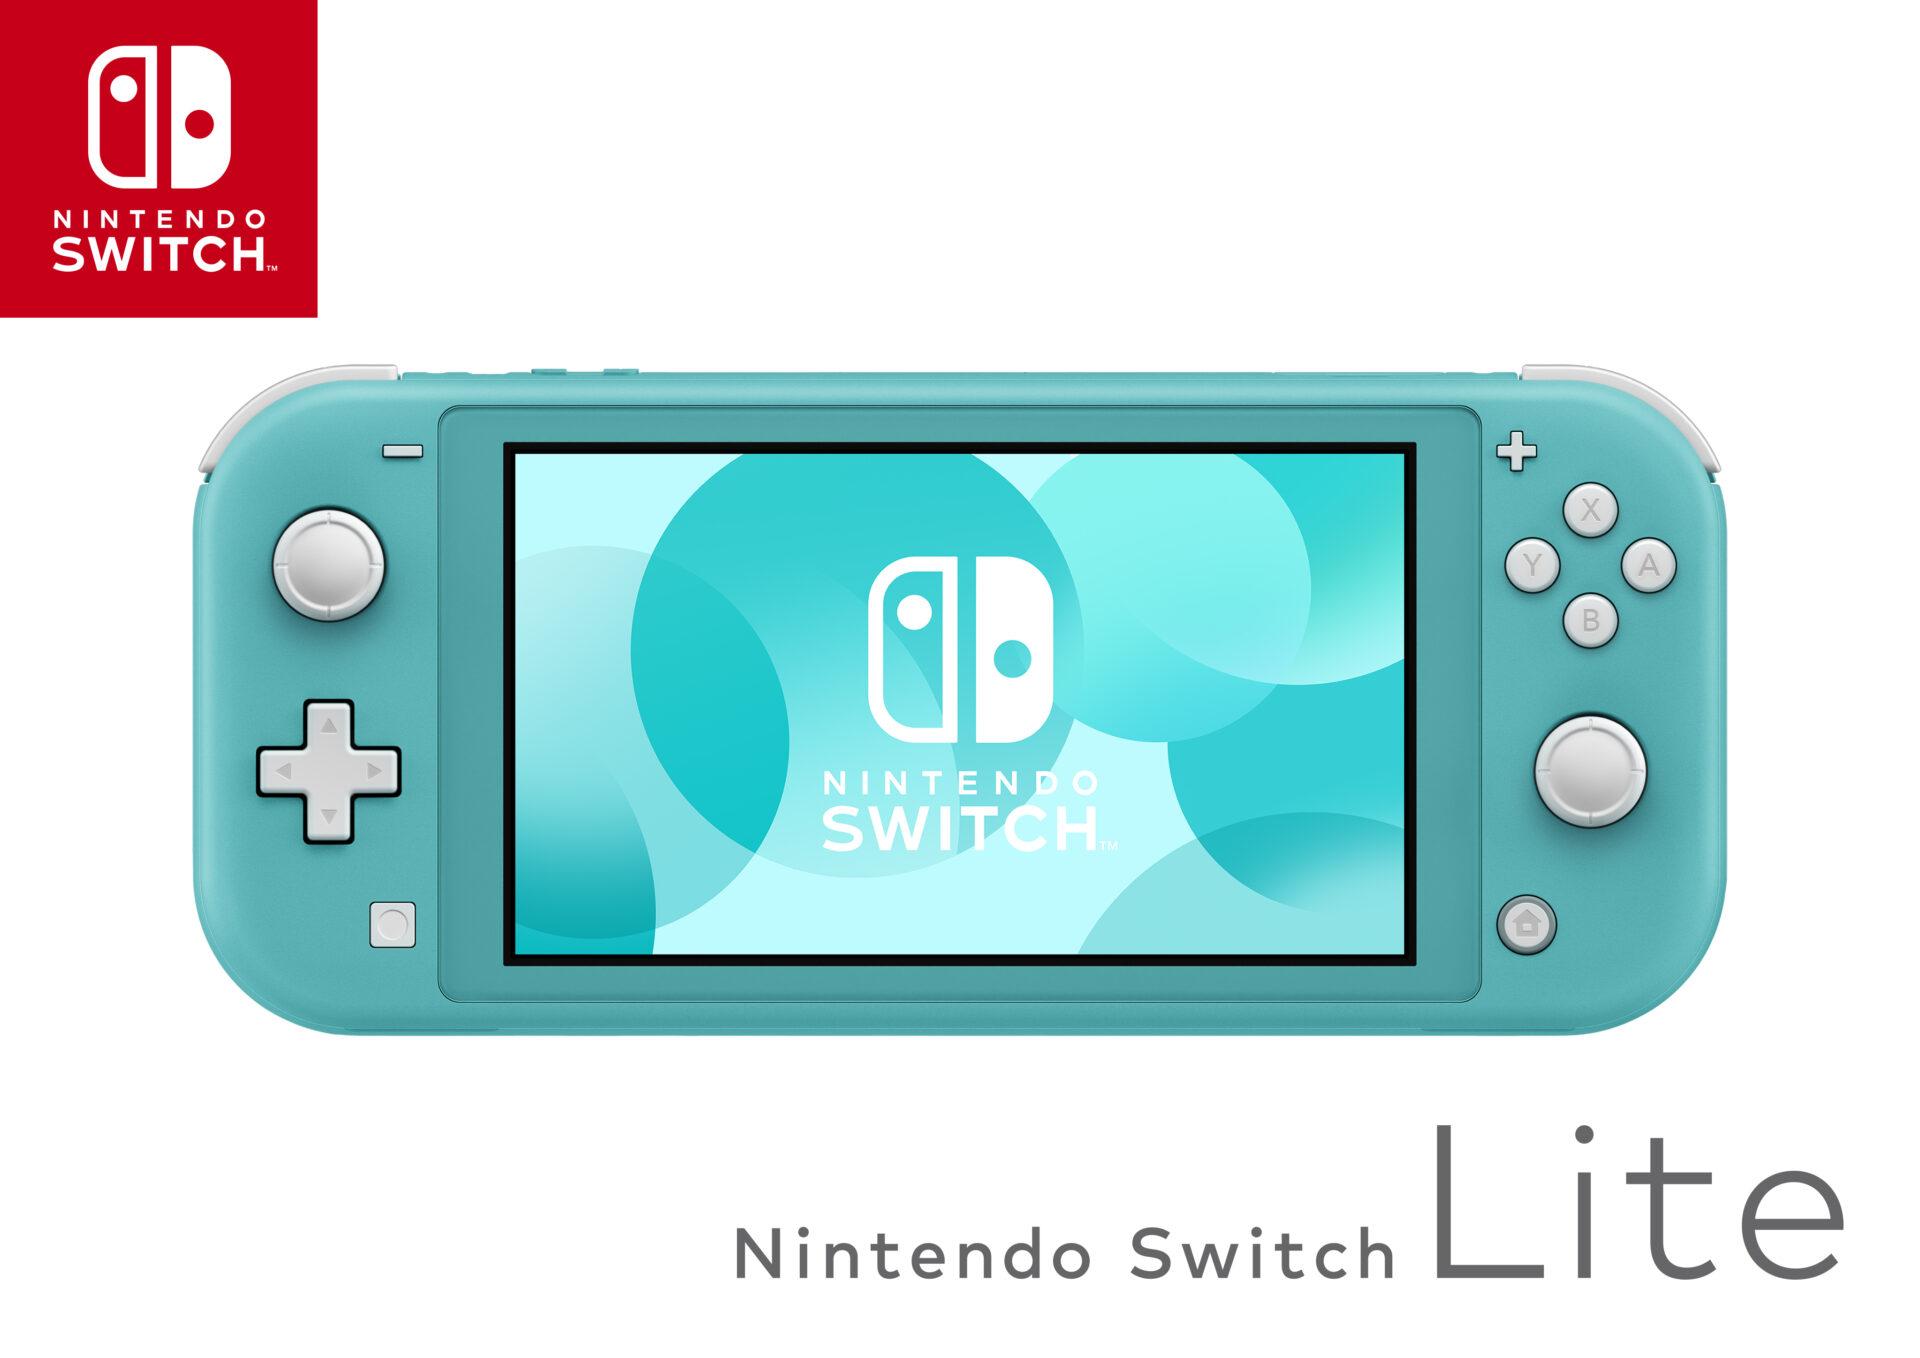 Jogos: Nintendo Switch Lite é lançado oficialmente no Brasil